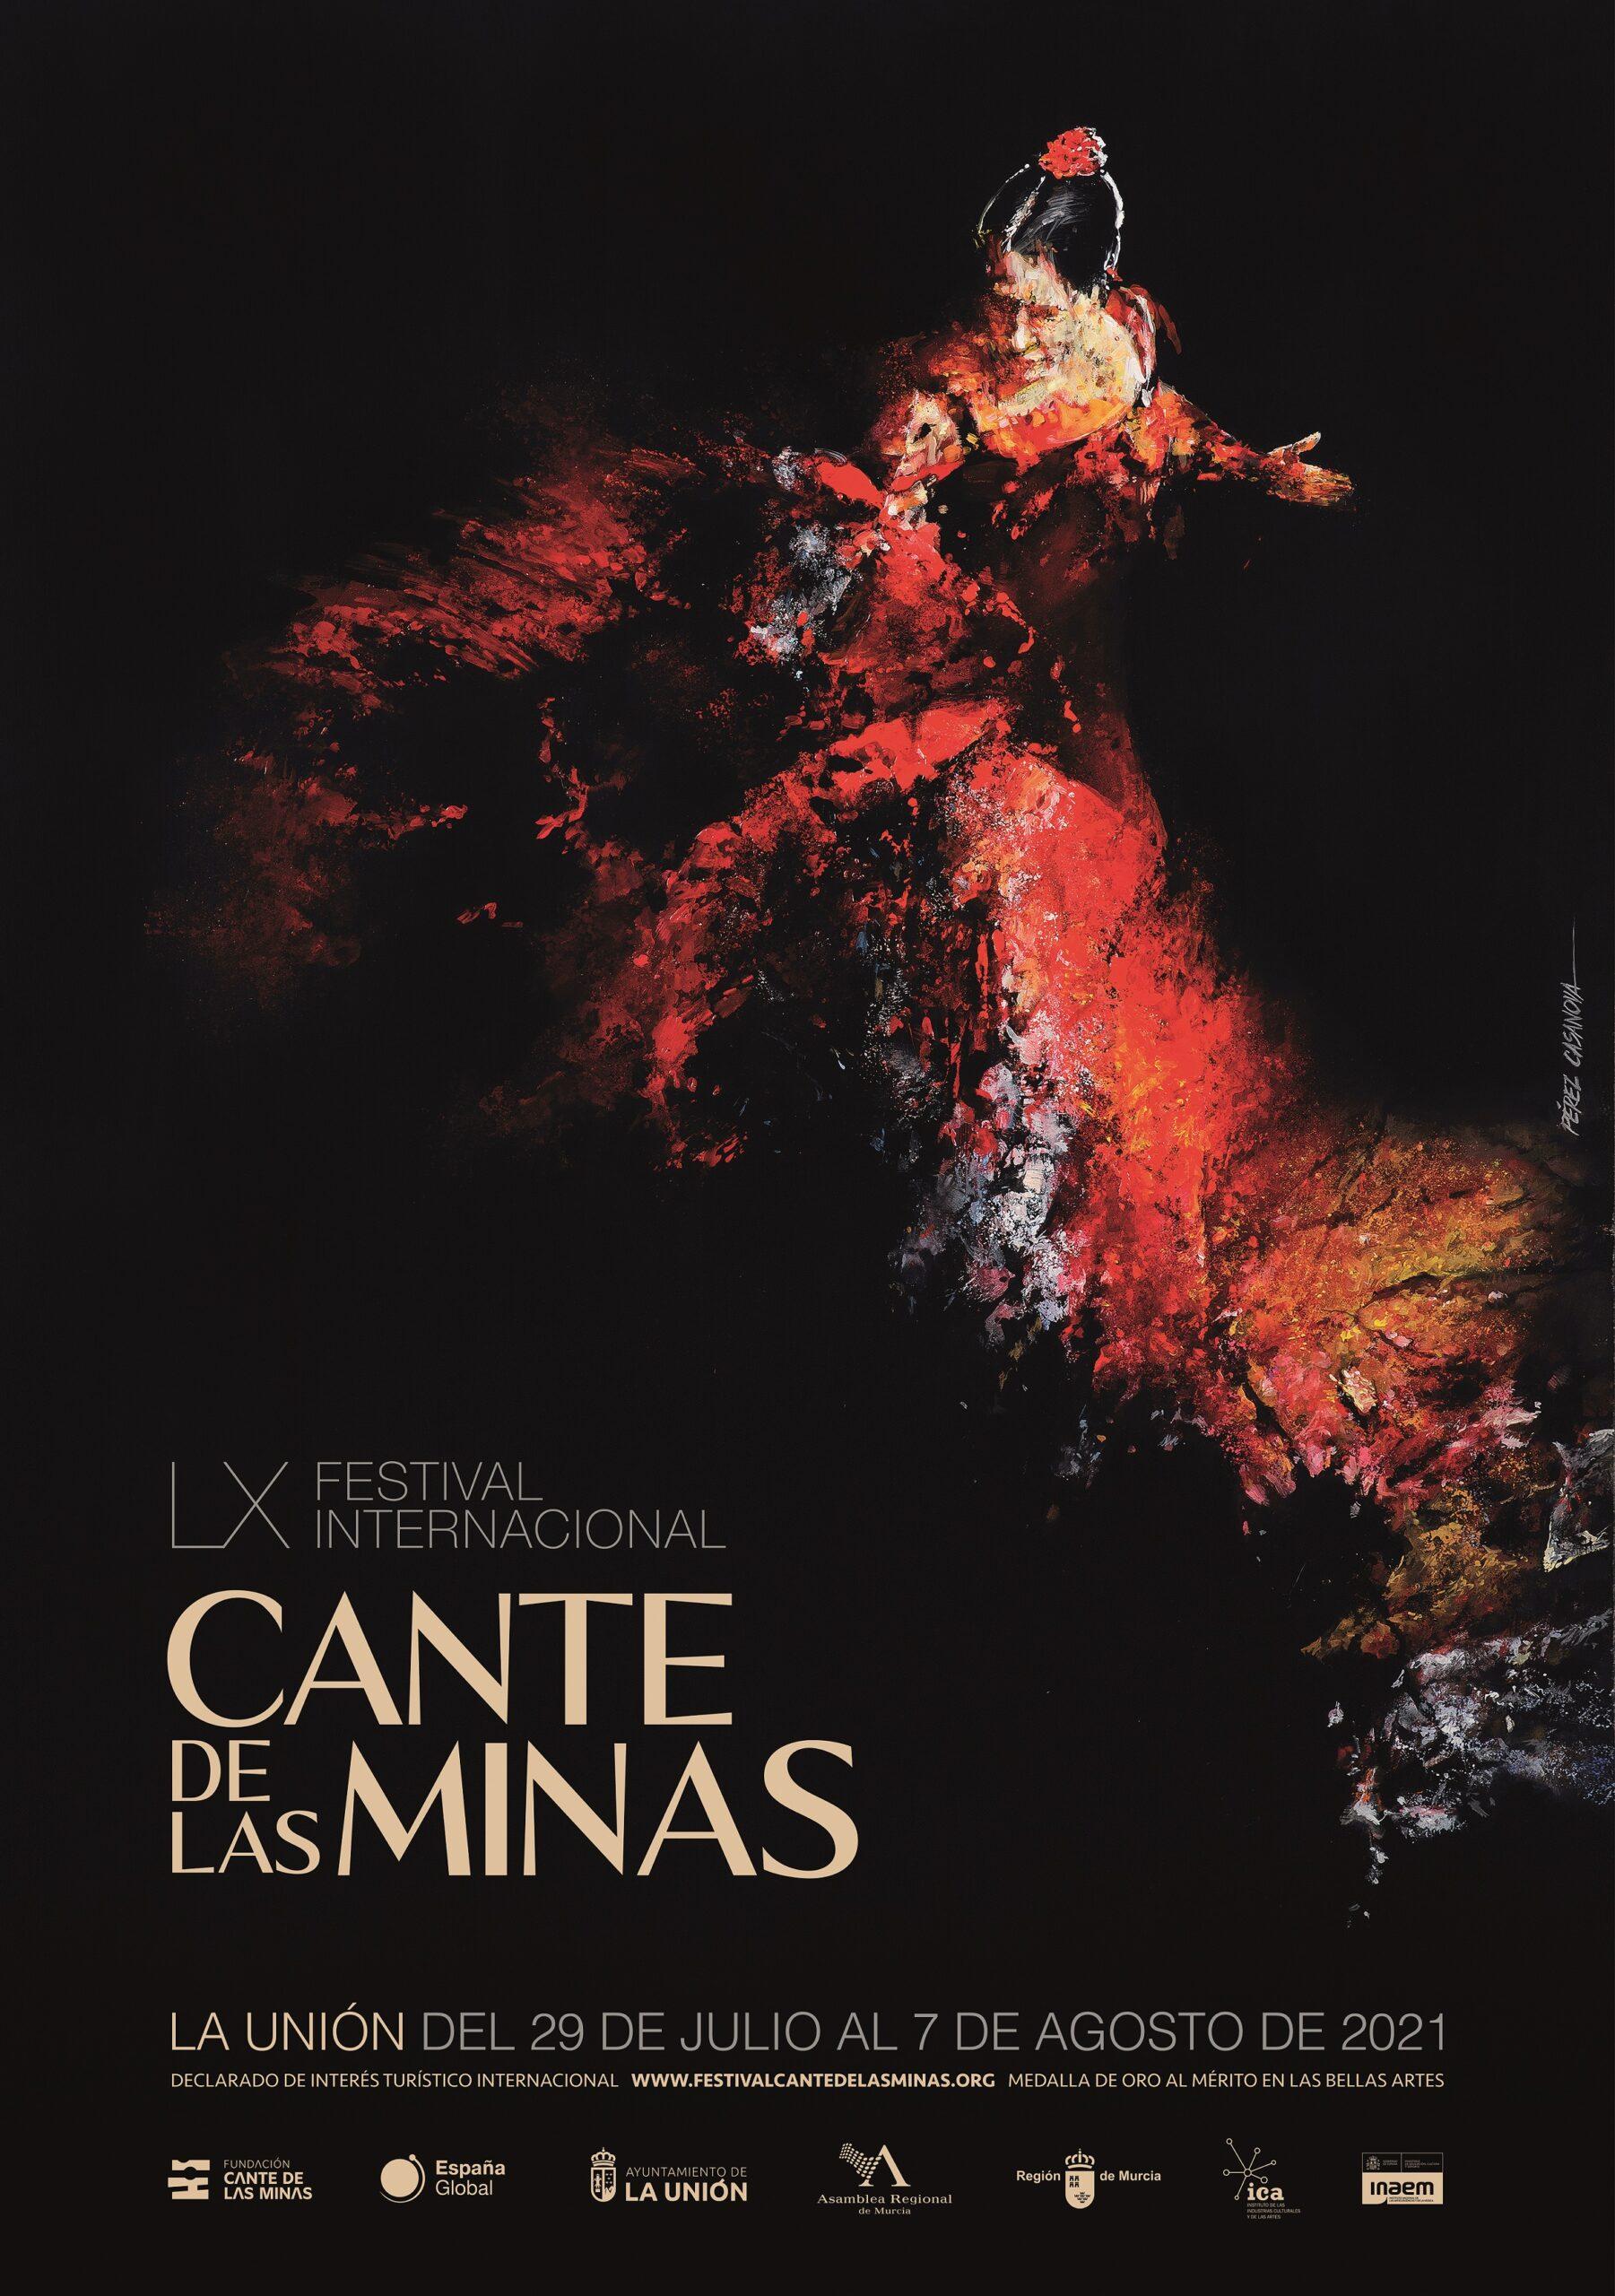 Cante de las Minas 2021